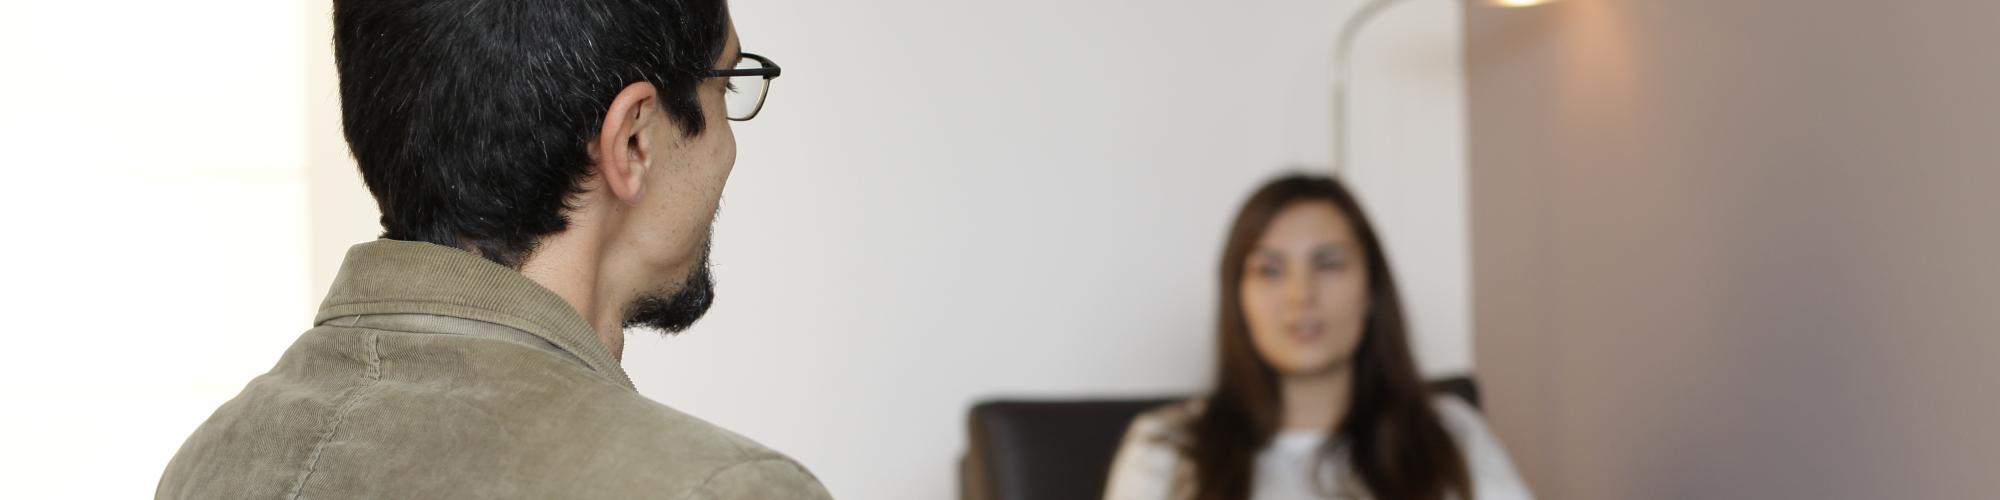 Aus- und Weiterbildungseinrichtung für klinische Verhaltenstherapie - Friedrichsdorf